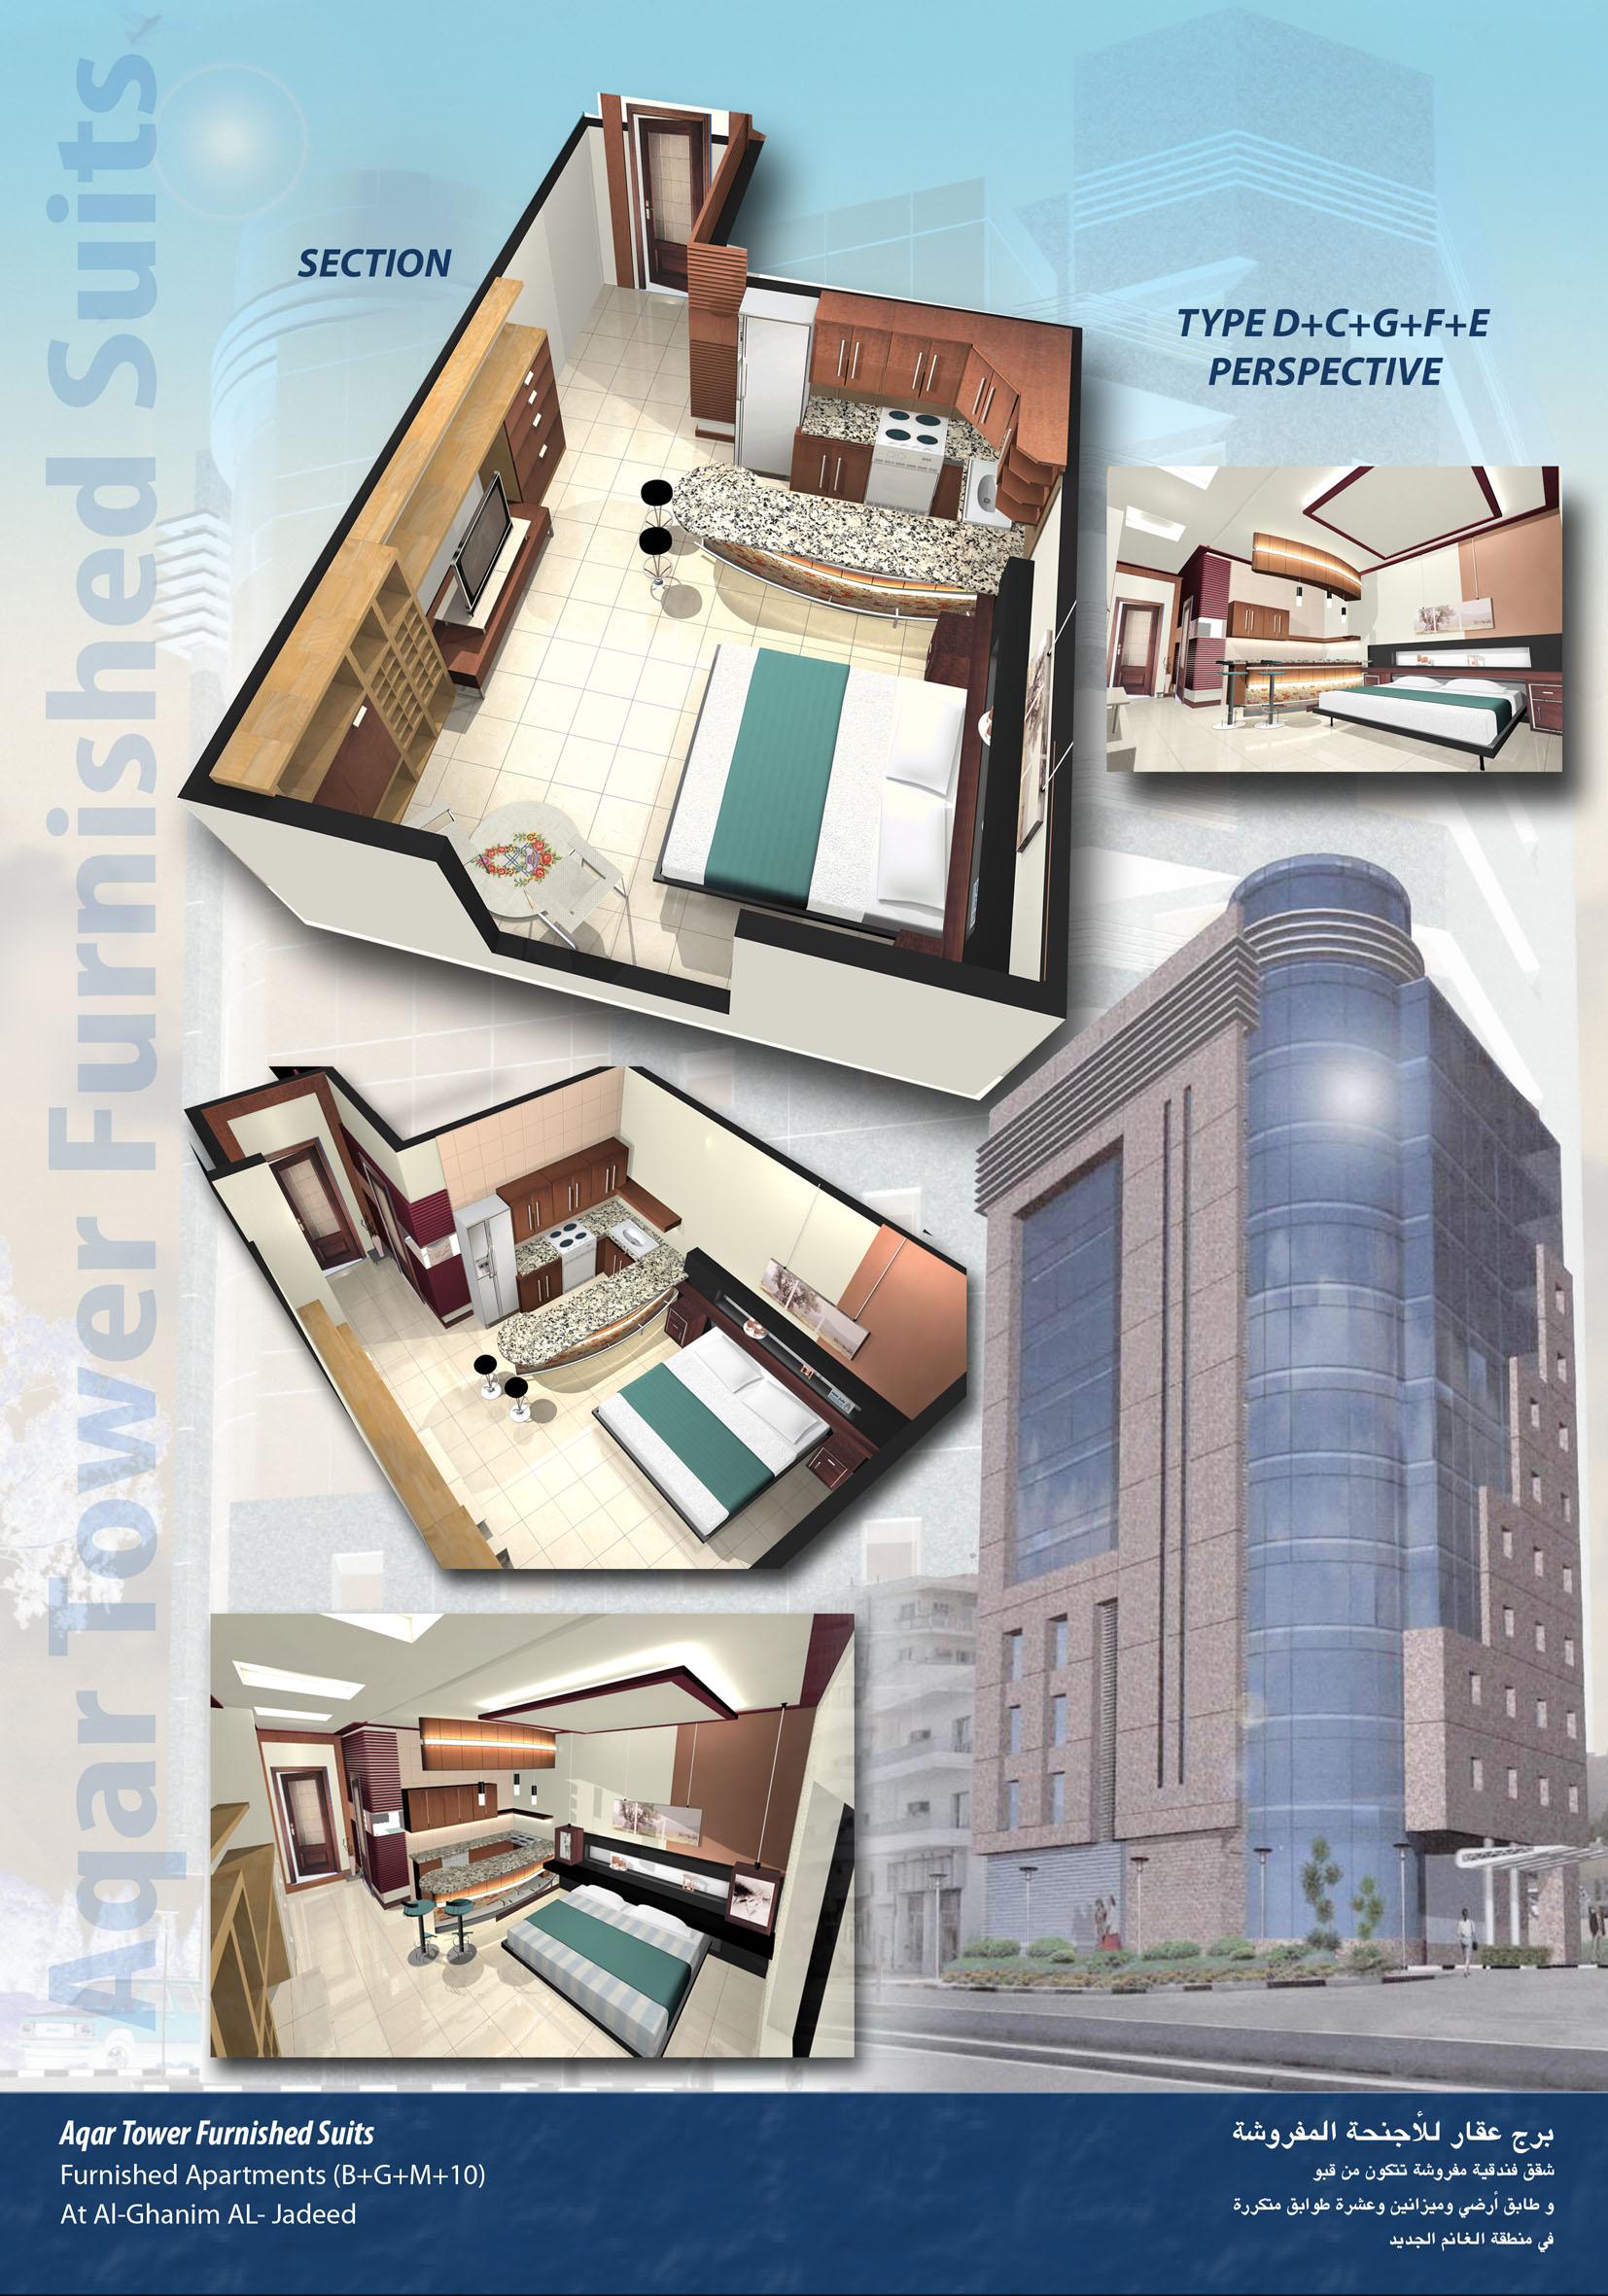 AQAR Hotel